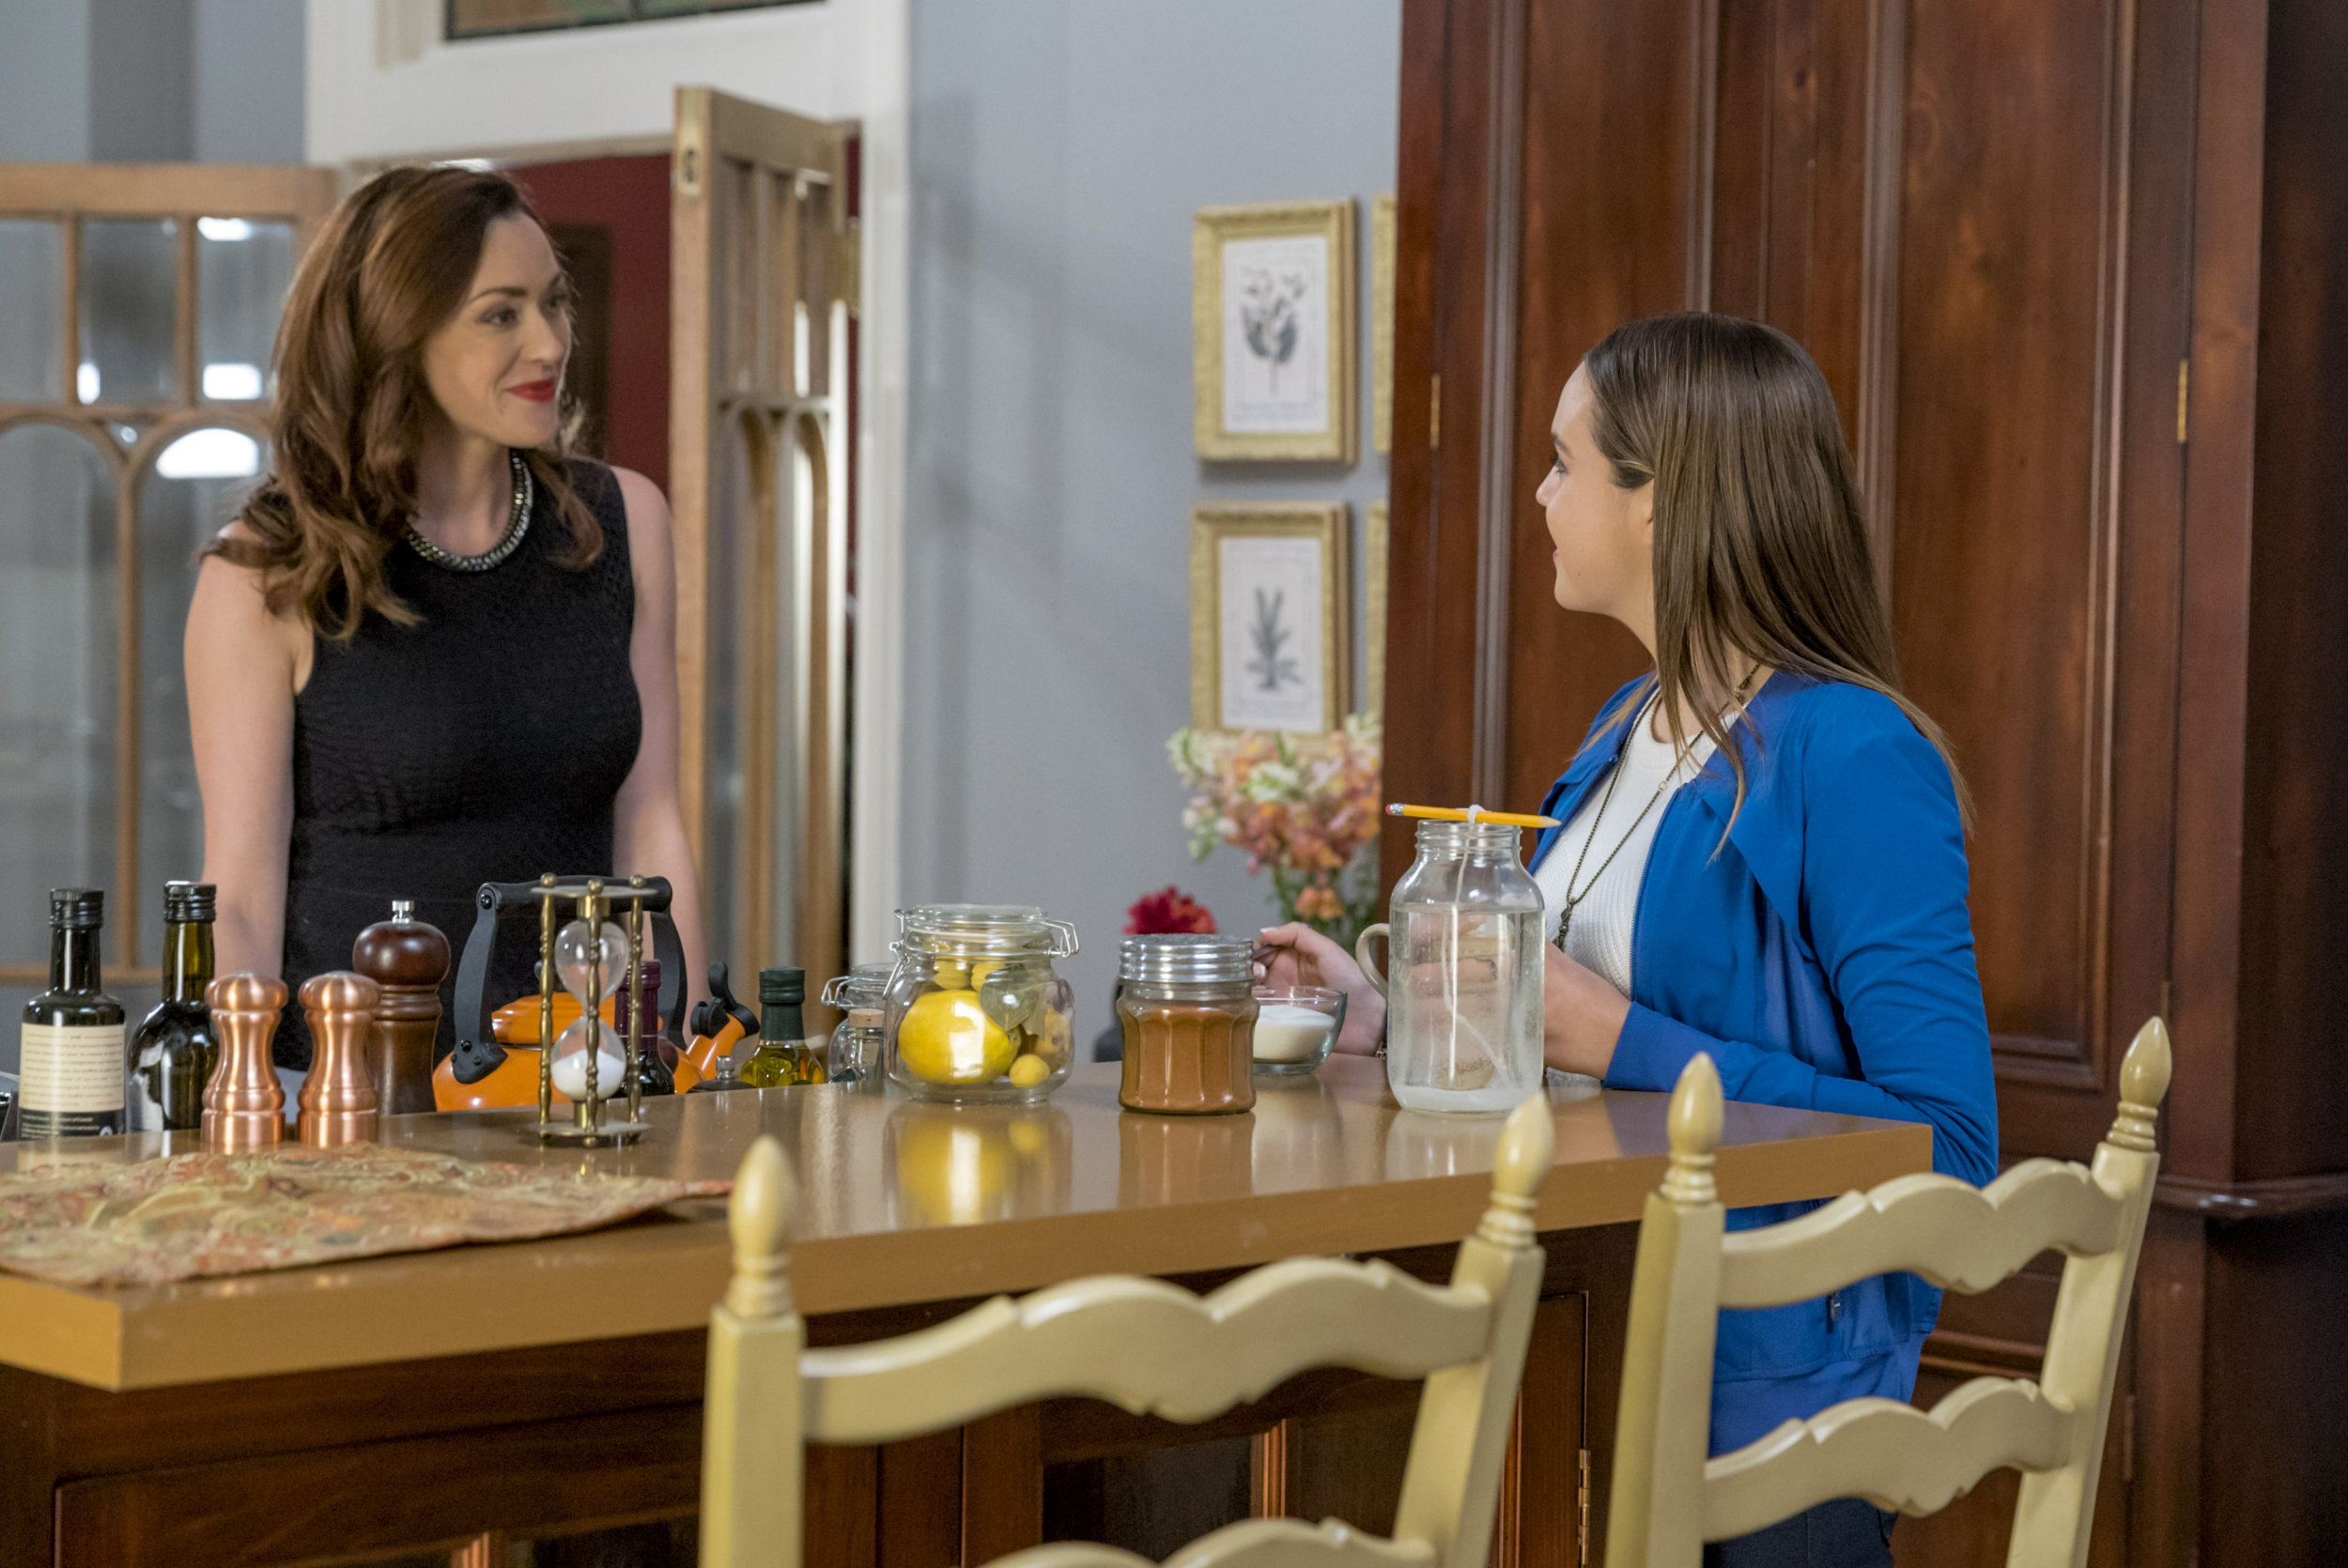 Good Witch Season 5 Episode 1 Watch Online Msncom - #Summer